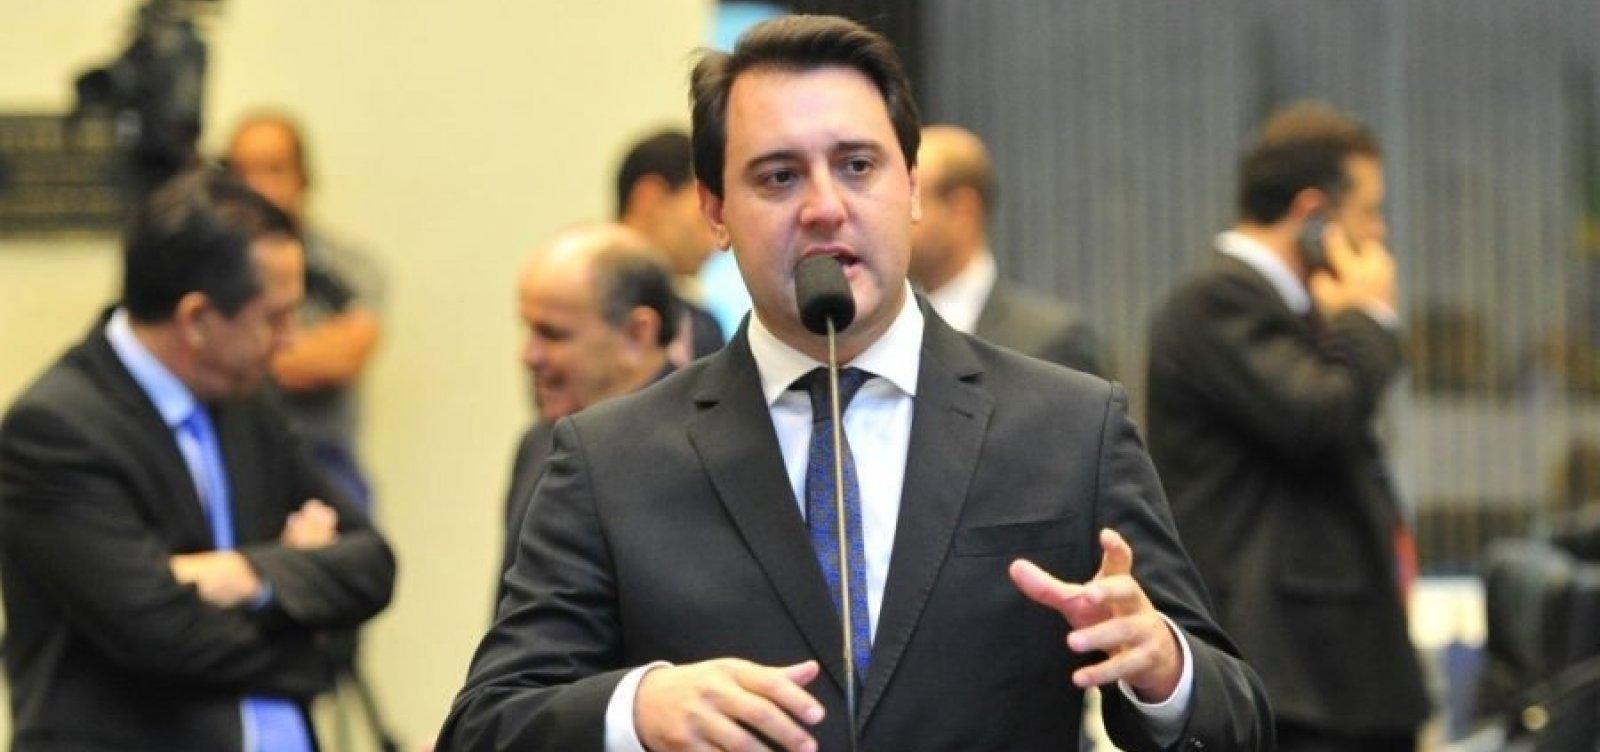 Ratinho Junior é eleito governador do Paraná